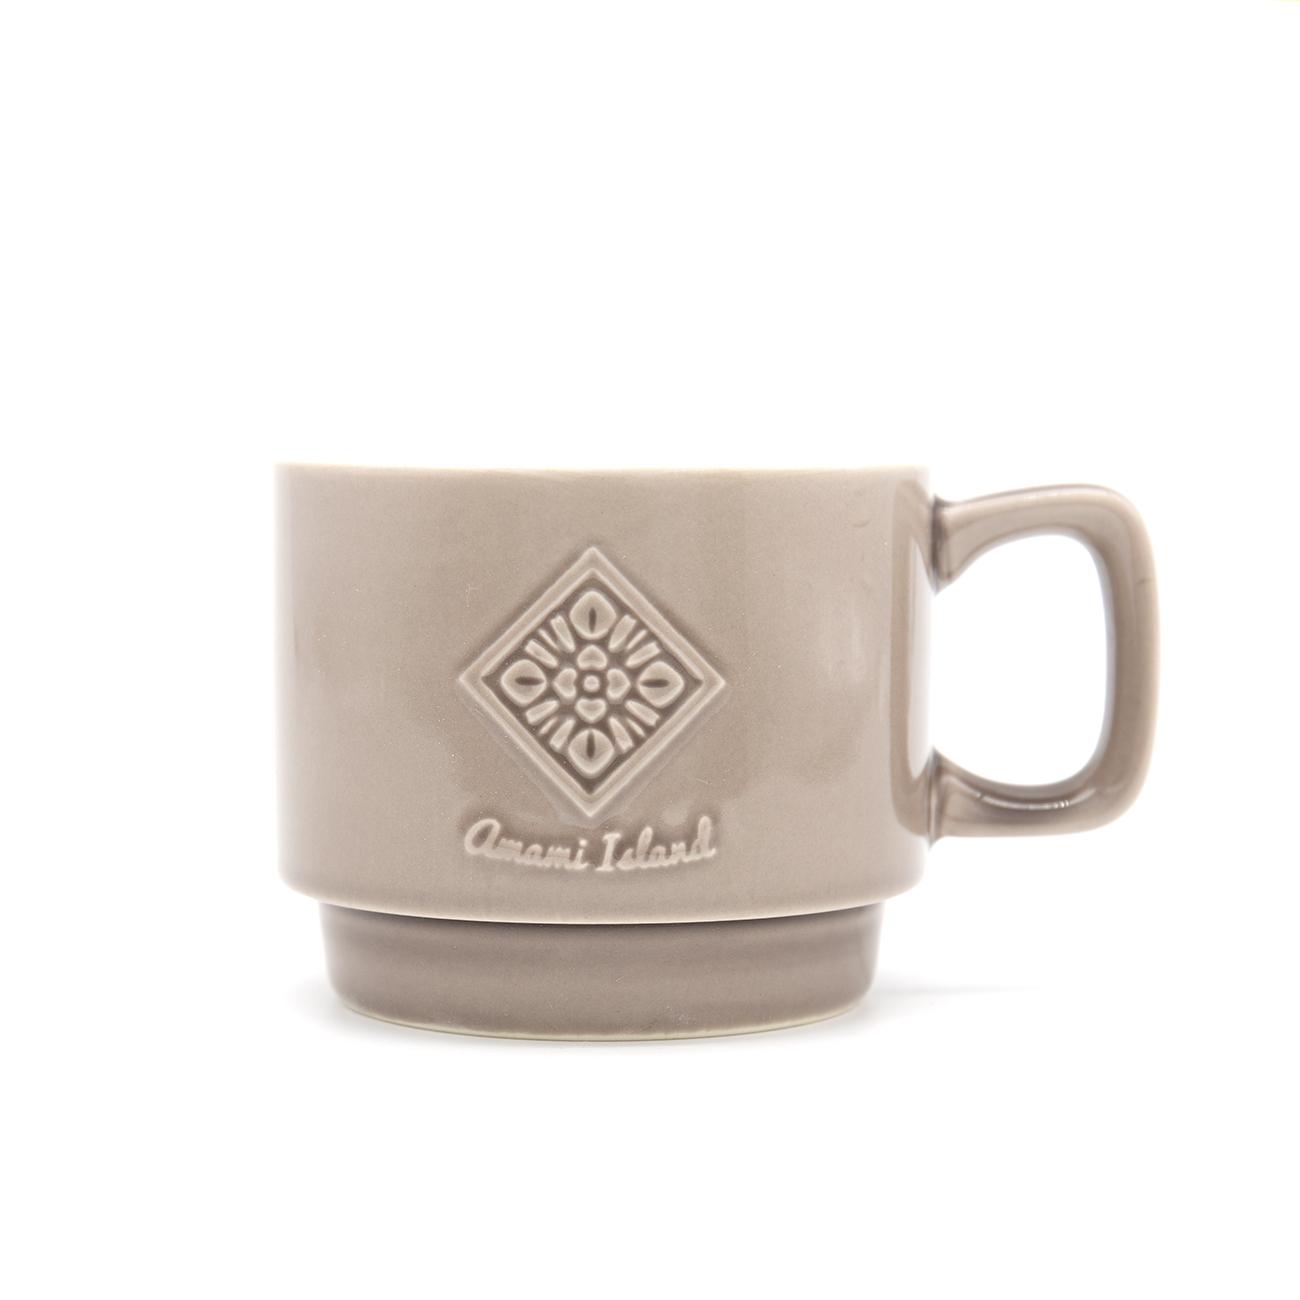 オリジナルマグカップ   グレー   紬柄